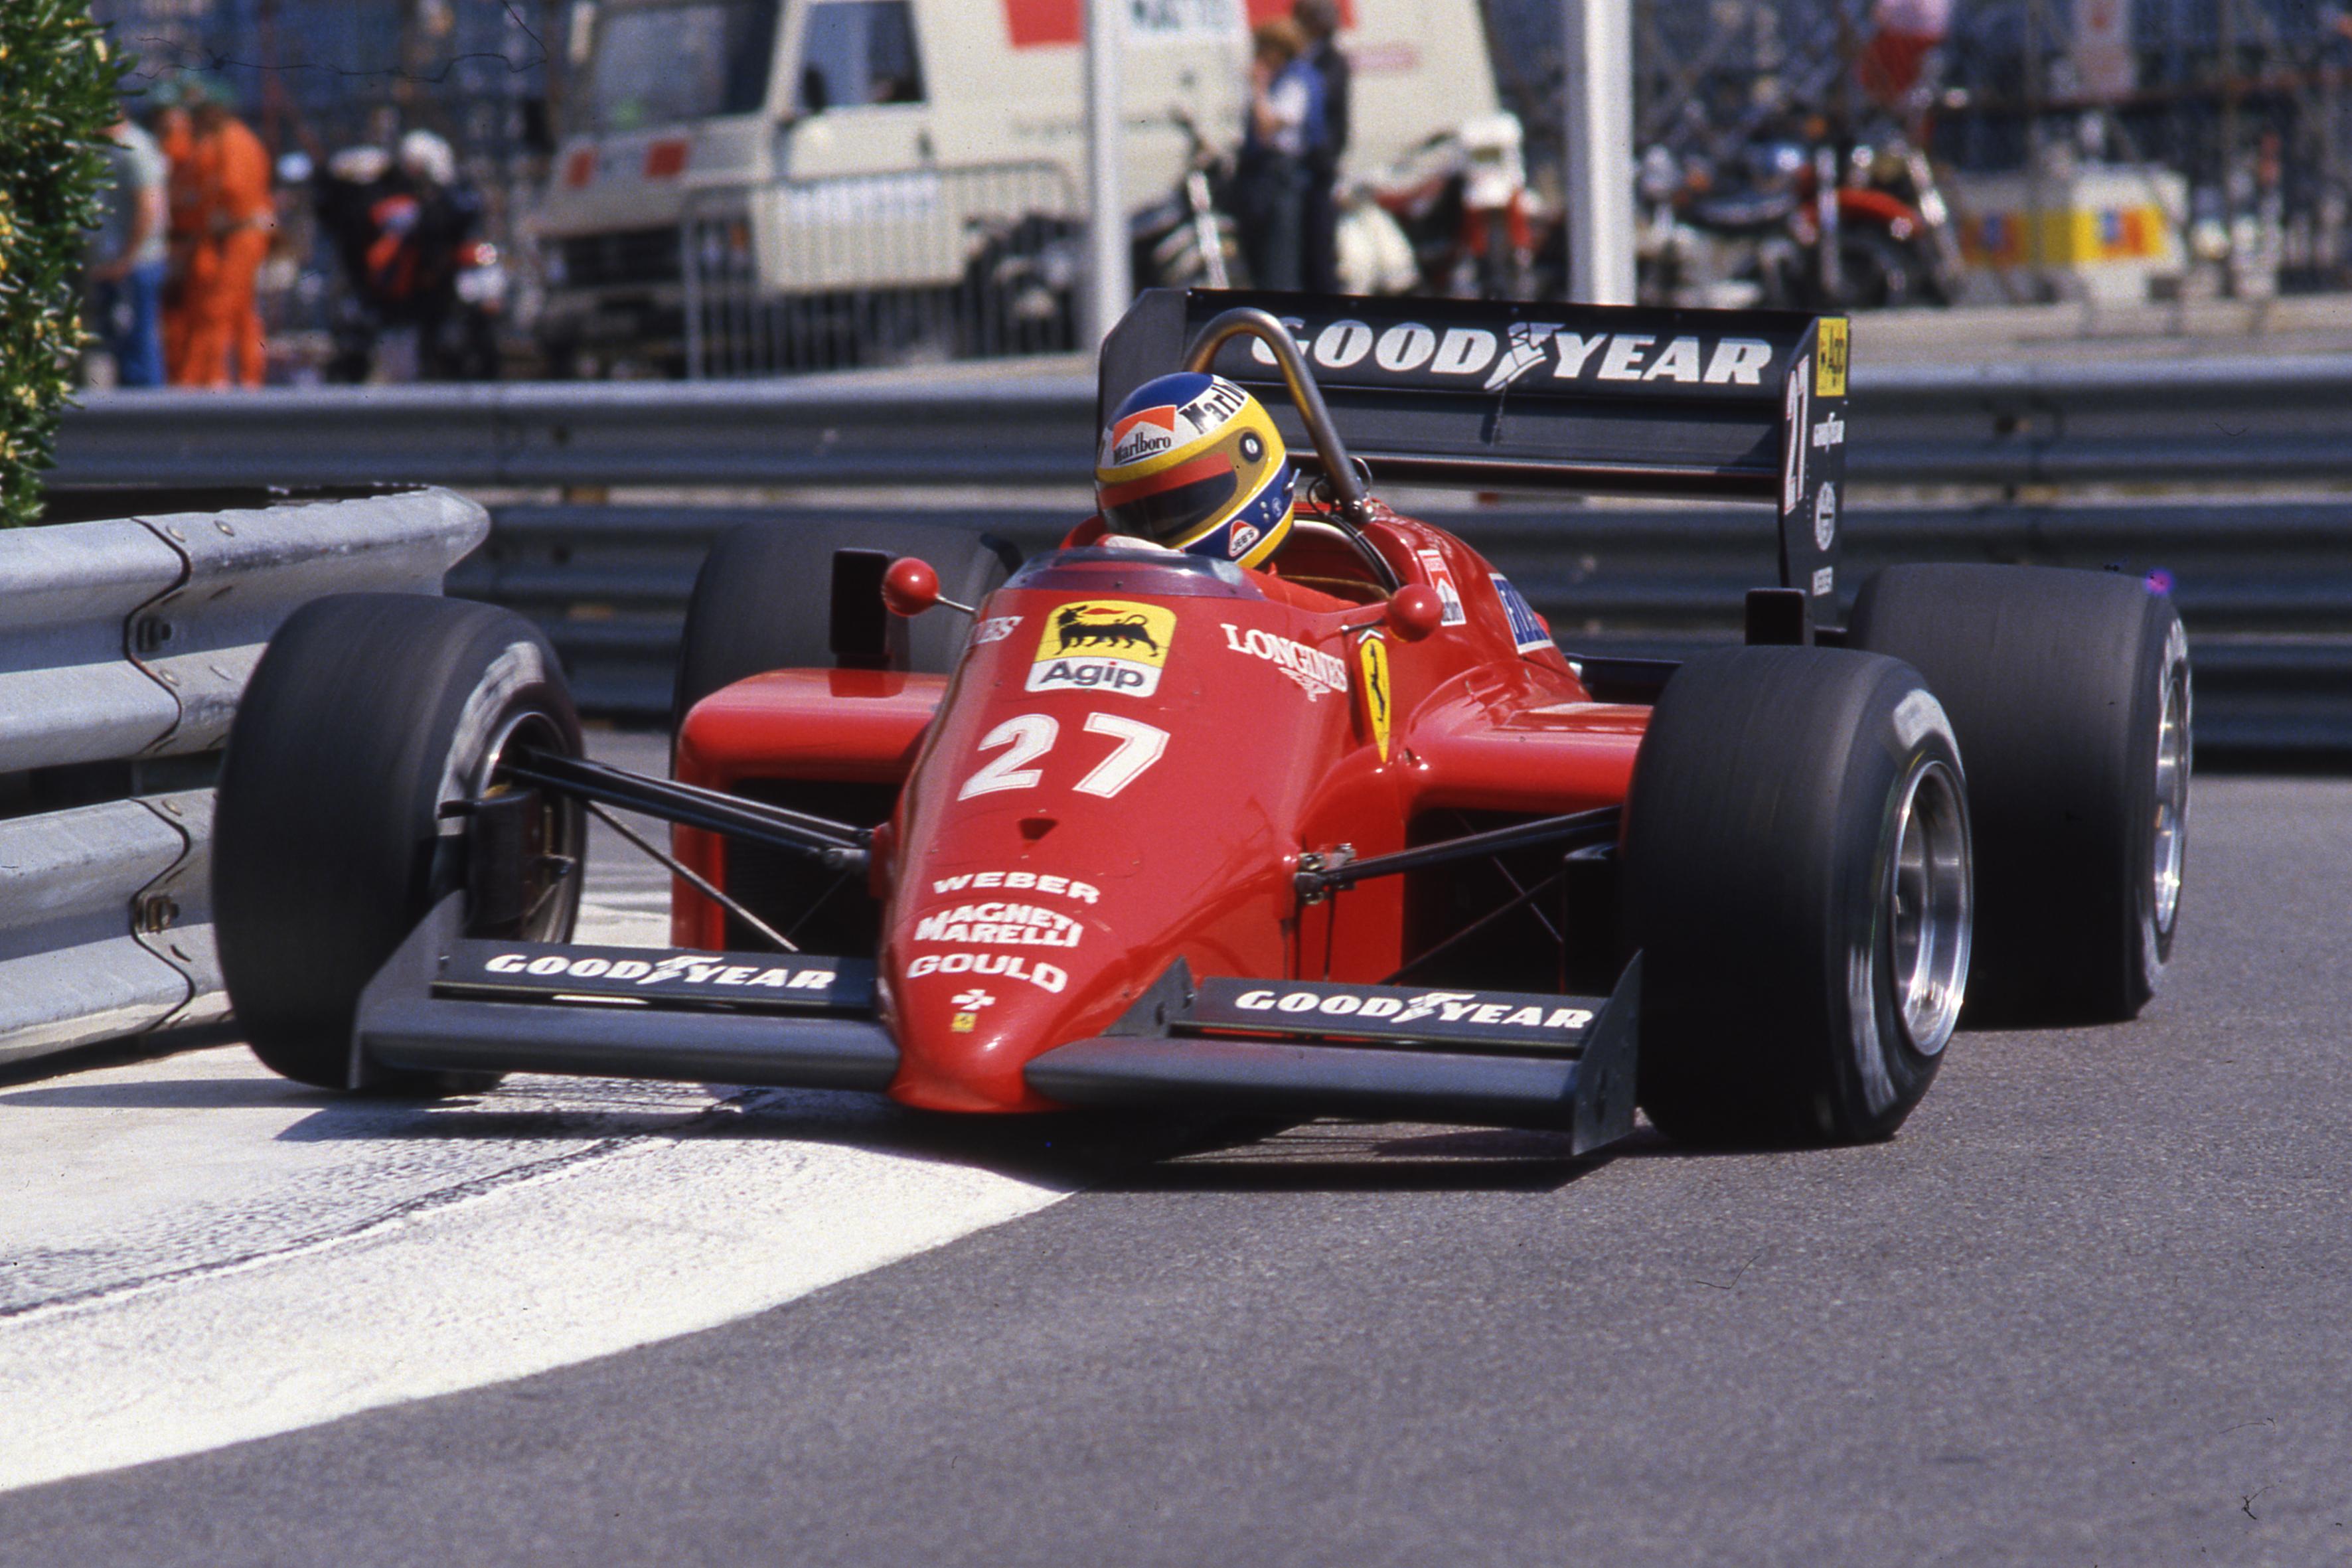 Michele Alboreto Ferrari Monaco Grand Prix 1985